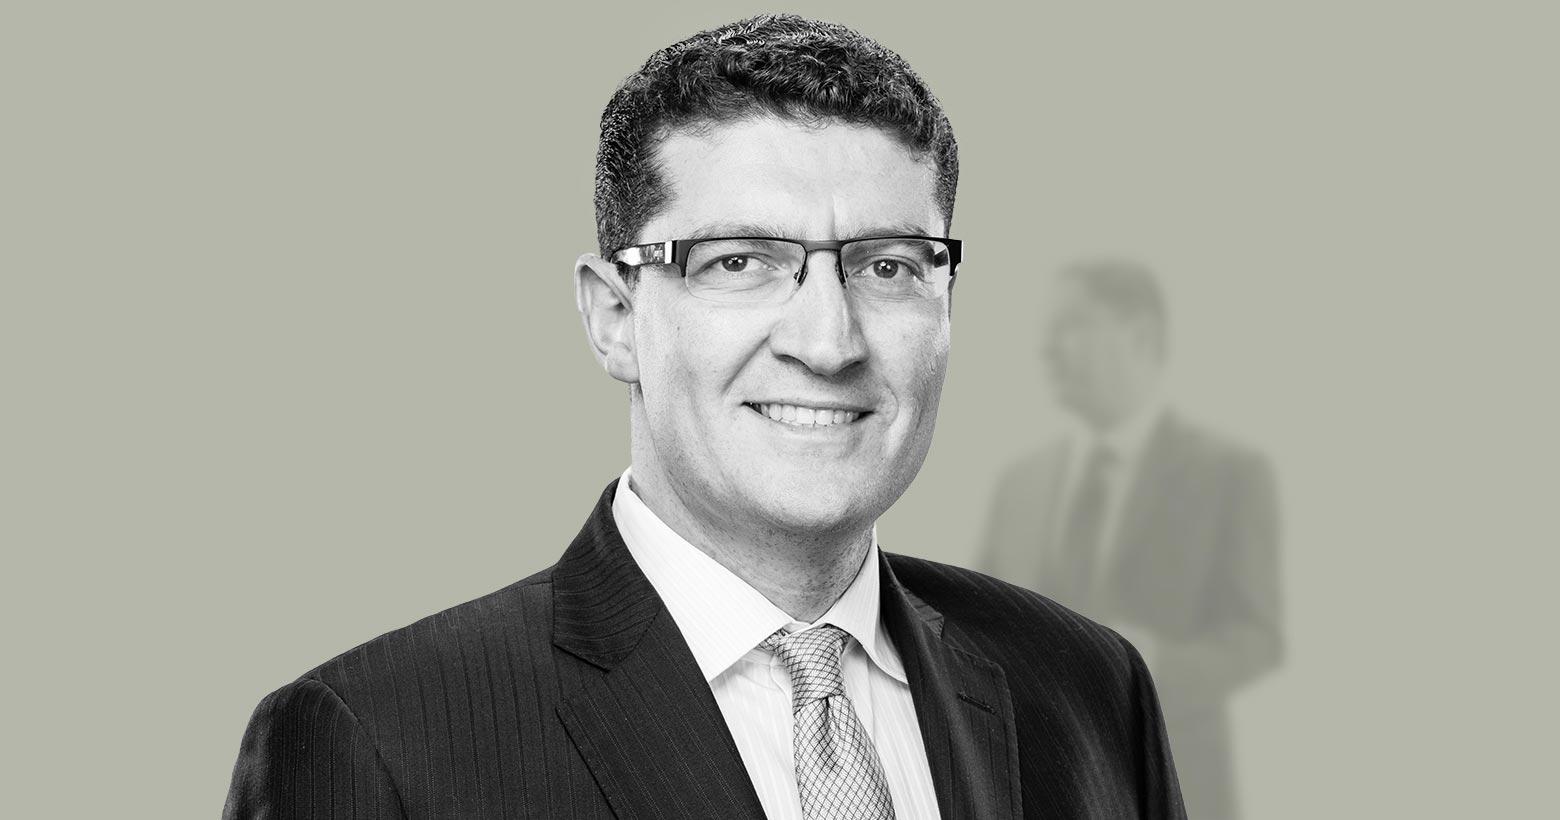 David Azarkh